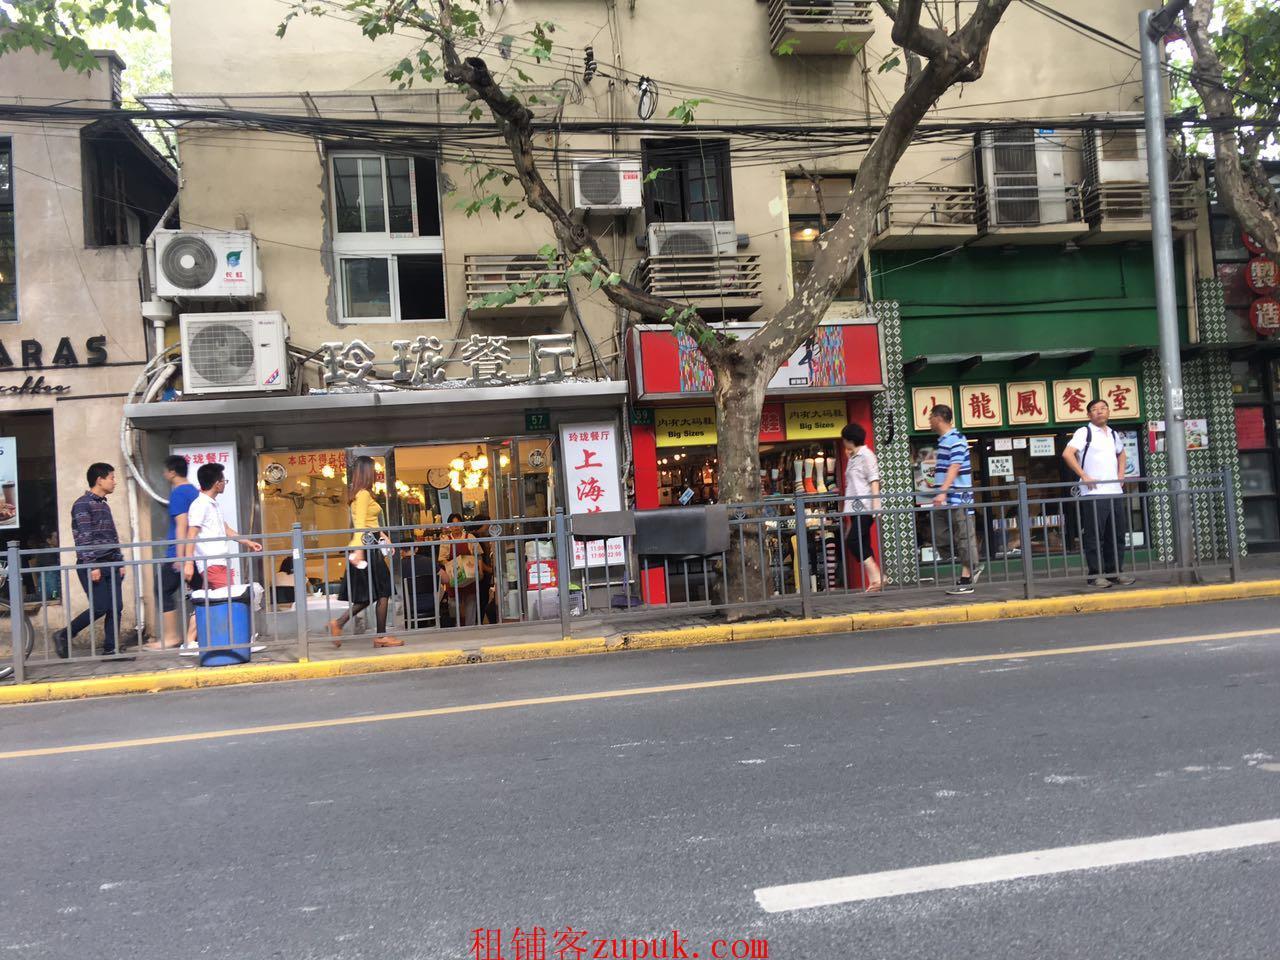 杨浦区沿街 大开间旺铺 特招超市 美发生鲜